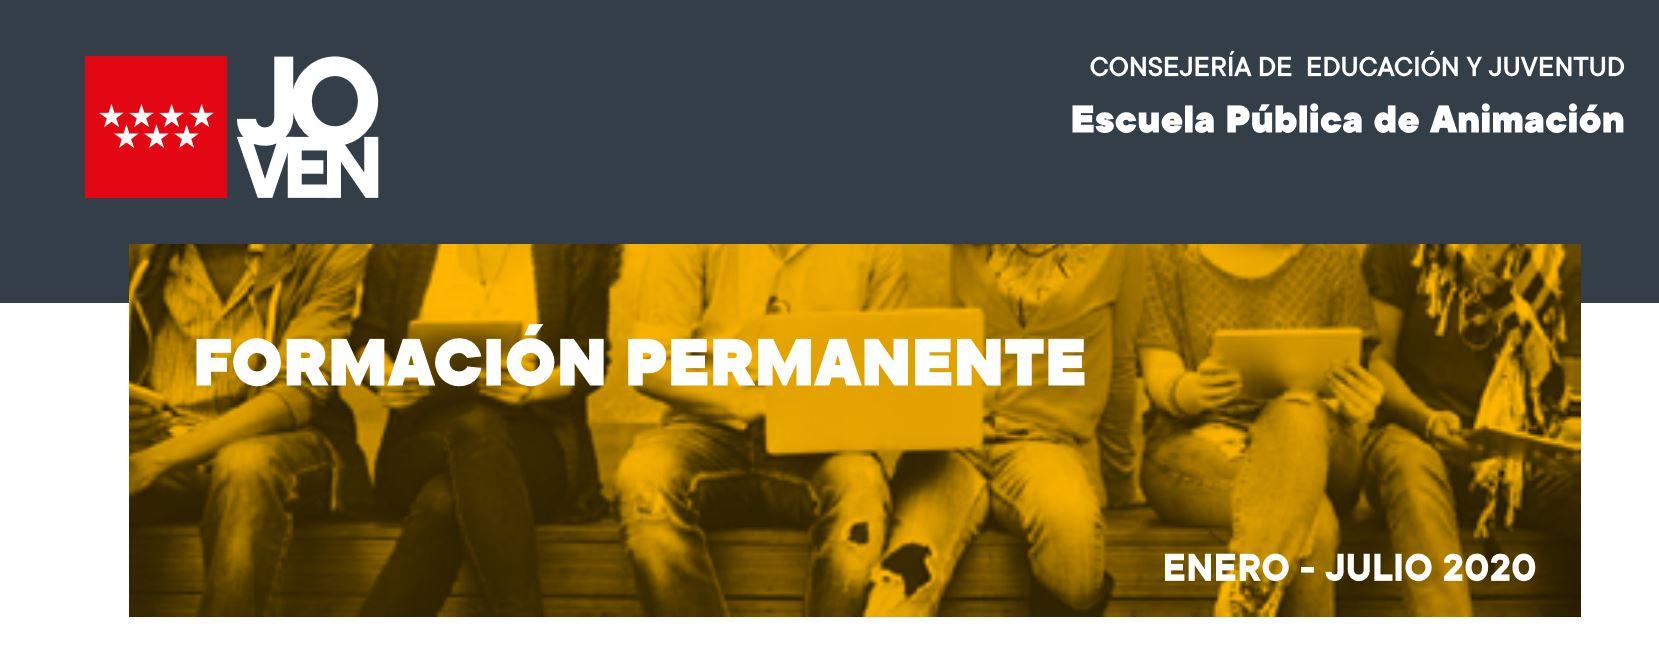 """En su compromiso de ayudar a los jóvenes de Valdemorillo en su mejora curricular y la obtención de empleo, el Ayuntamiento recalca """"la gran utilidad"""" de la Formación Permanente con la que la Comunidad de Madrid oferta numerosos cursos, talleres y jornadas"""